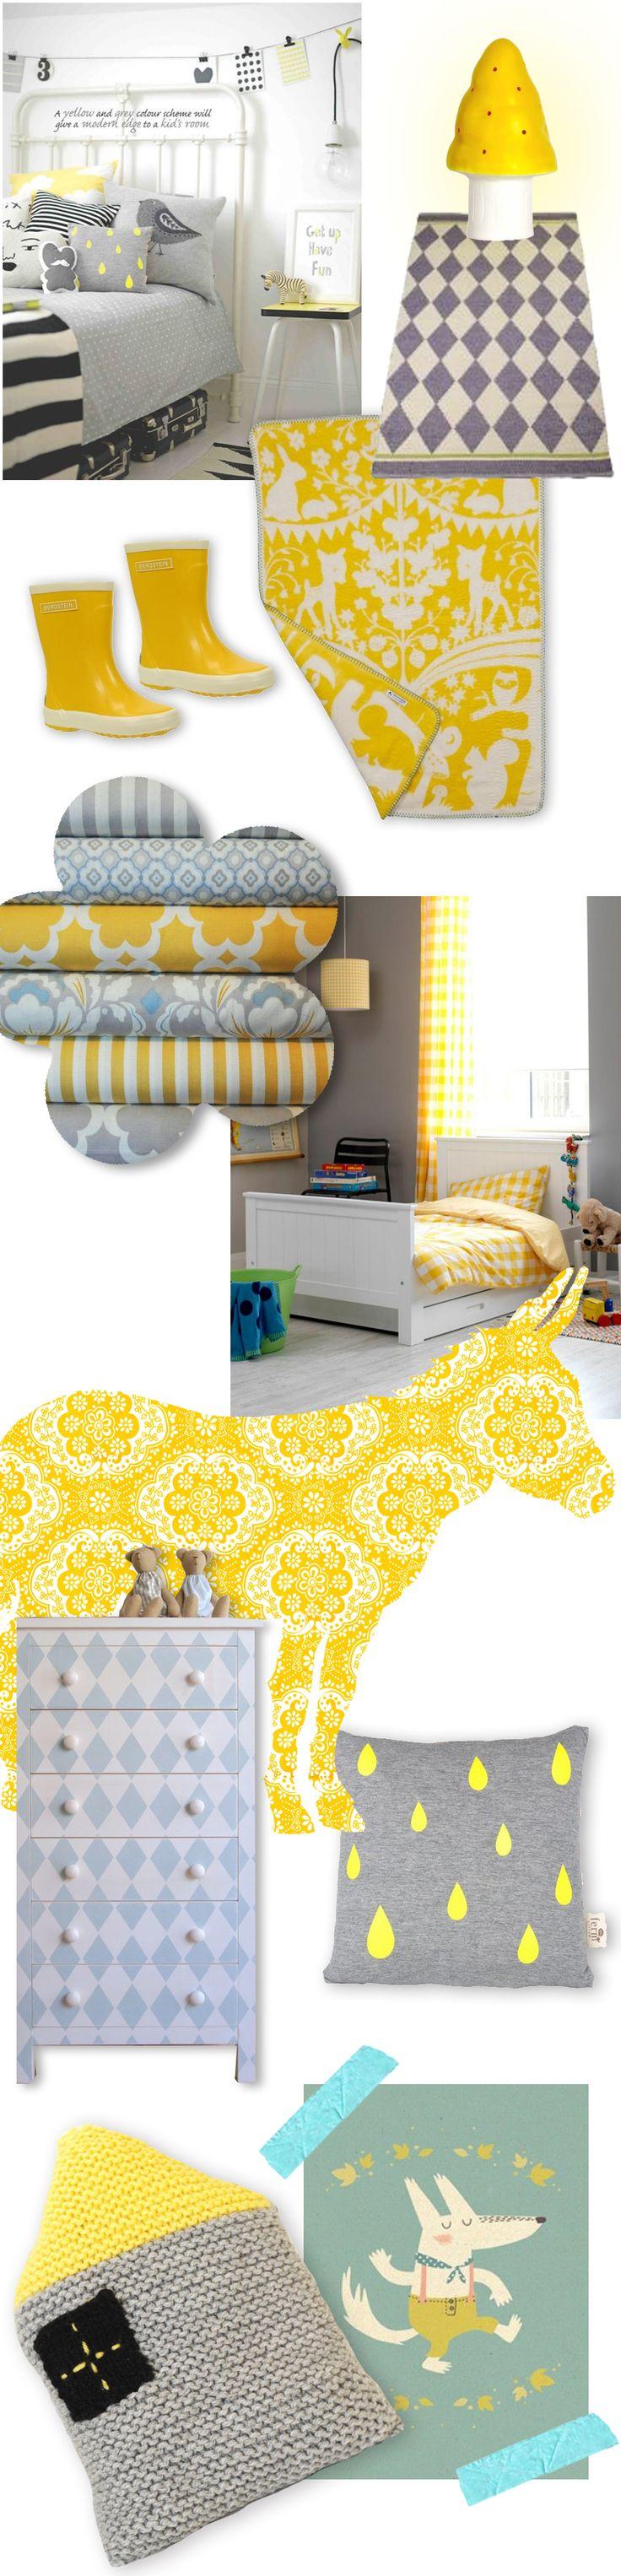 Geel en Grijs is een prachtige combinatie in de kinderkamer. Helemaal met ons prachtige gele Fairytale Forest wiegdekentje van Fabulous Goose !